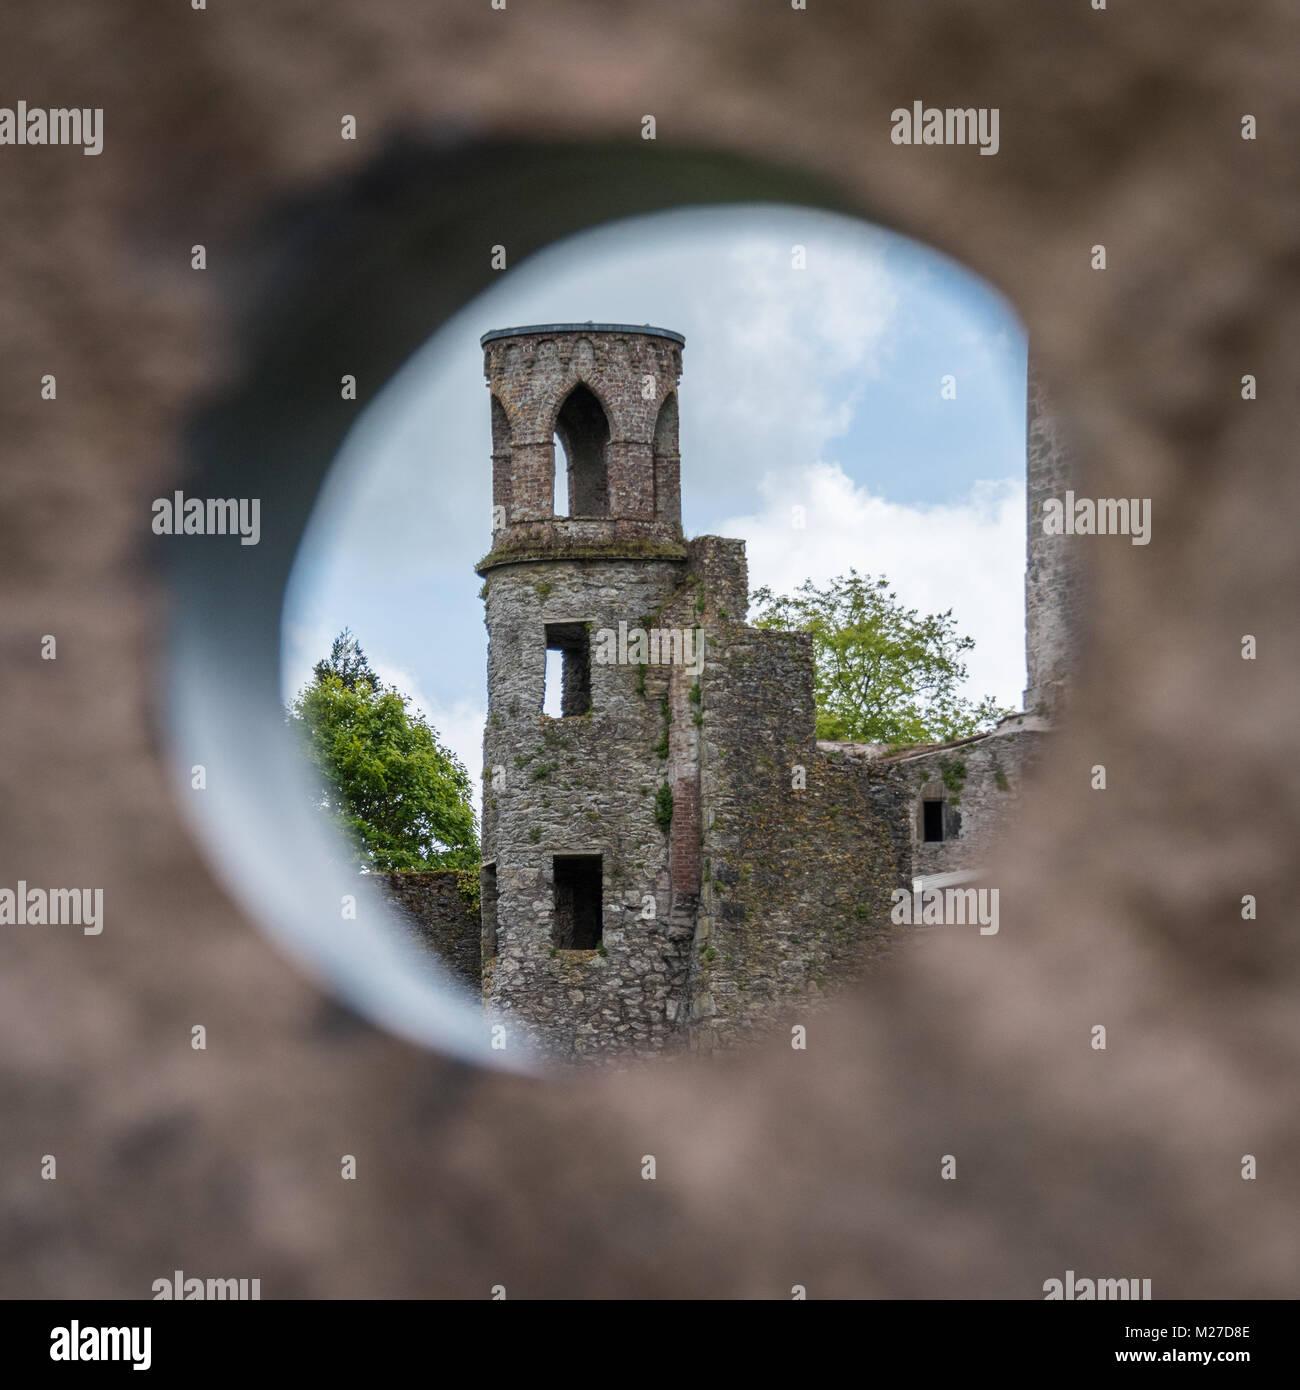 Le château de Blarney et de jardins, dans le comté de Cork, Irlande Banque D'Images